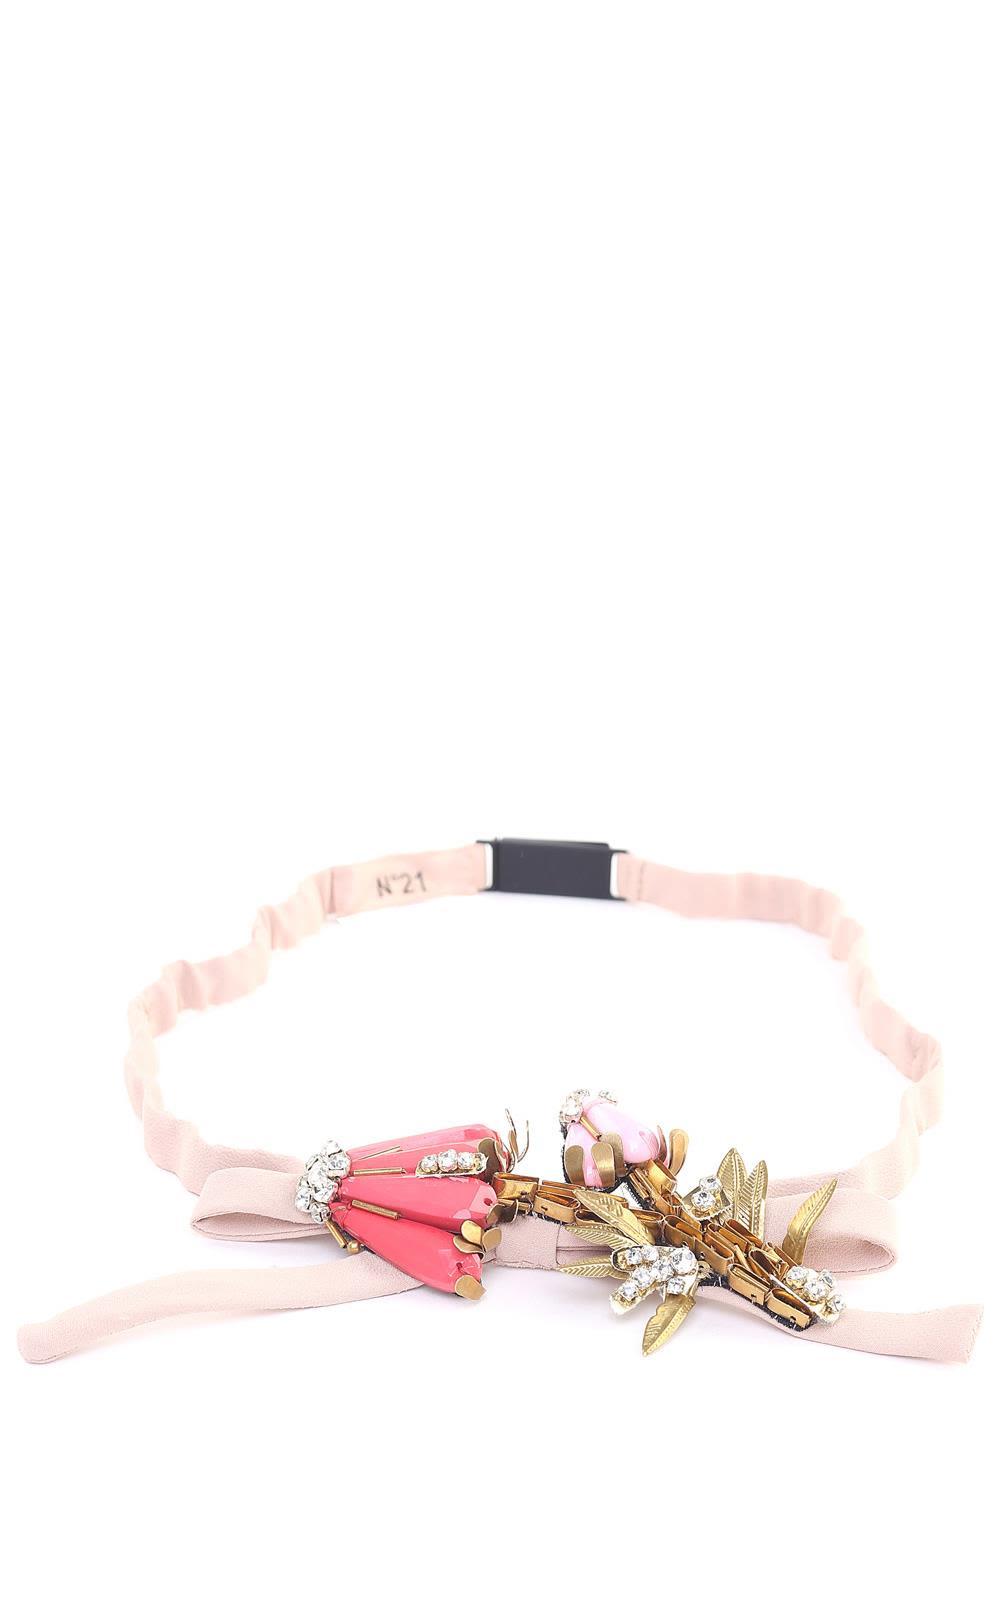 N.21 Crystal-embellished Bow Crepe Belt